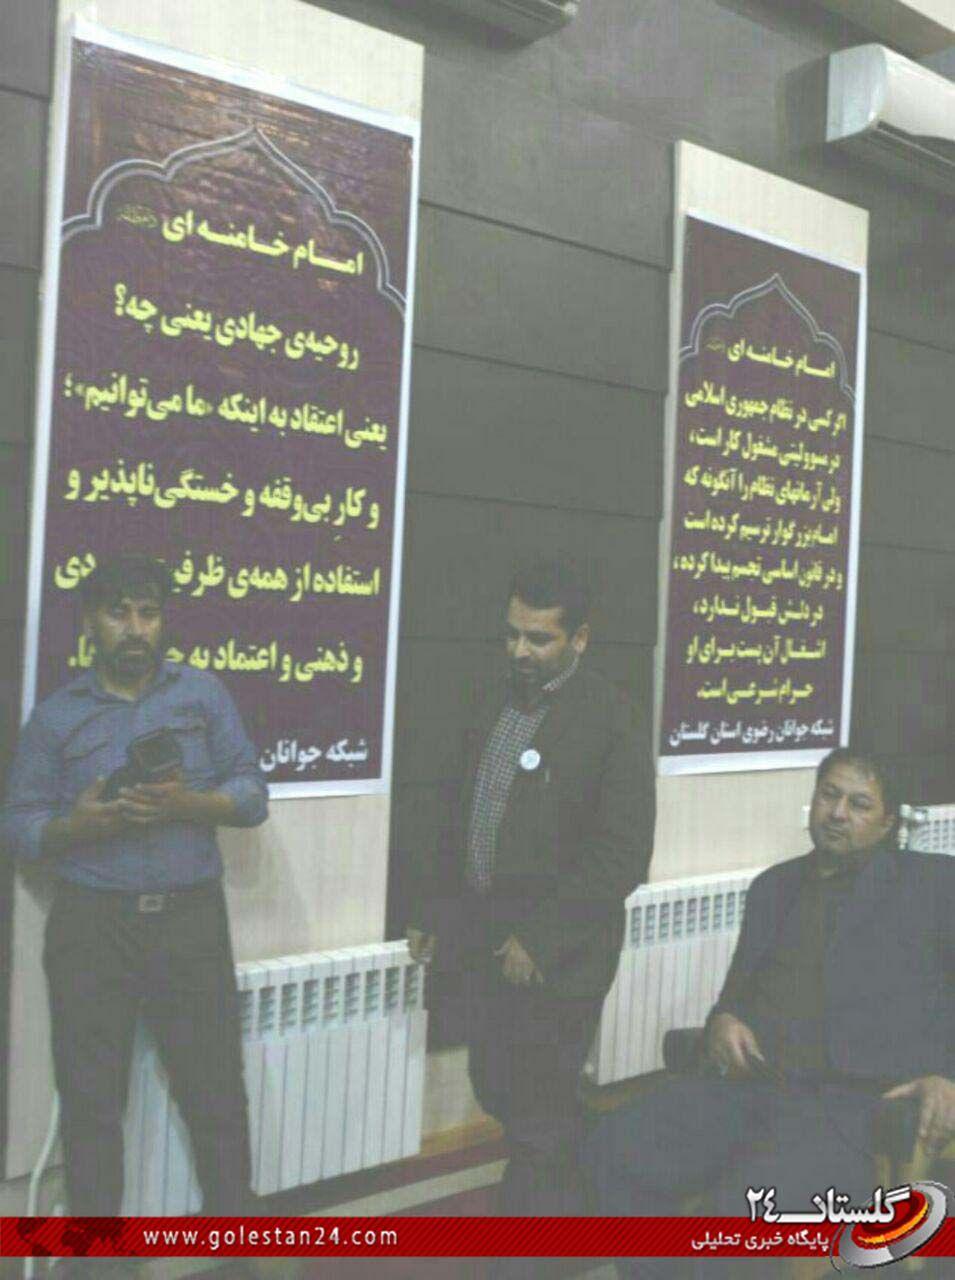 سید رضا رحیمی